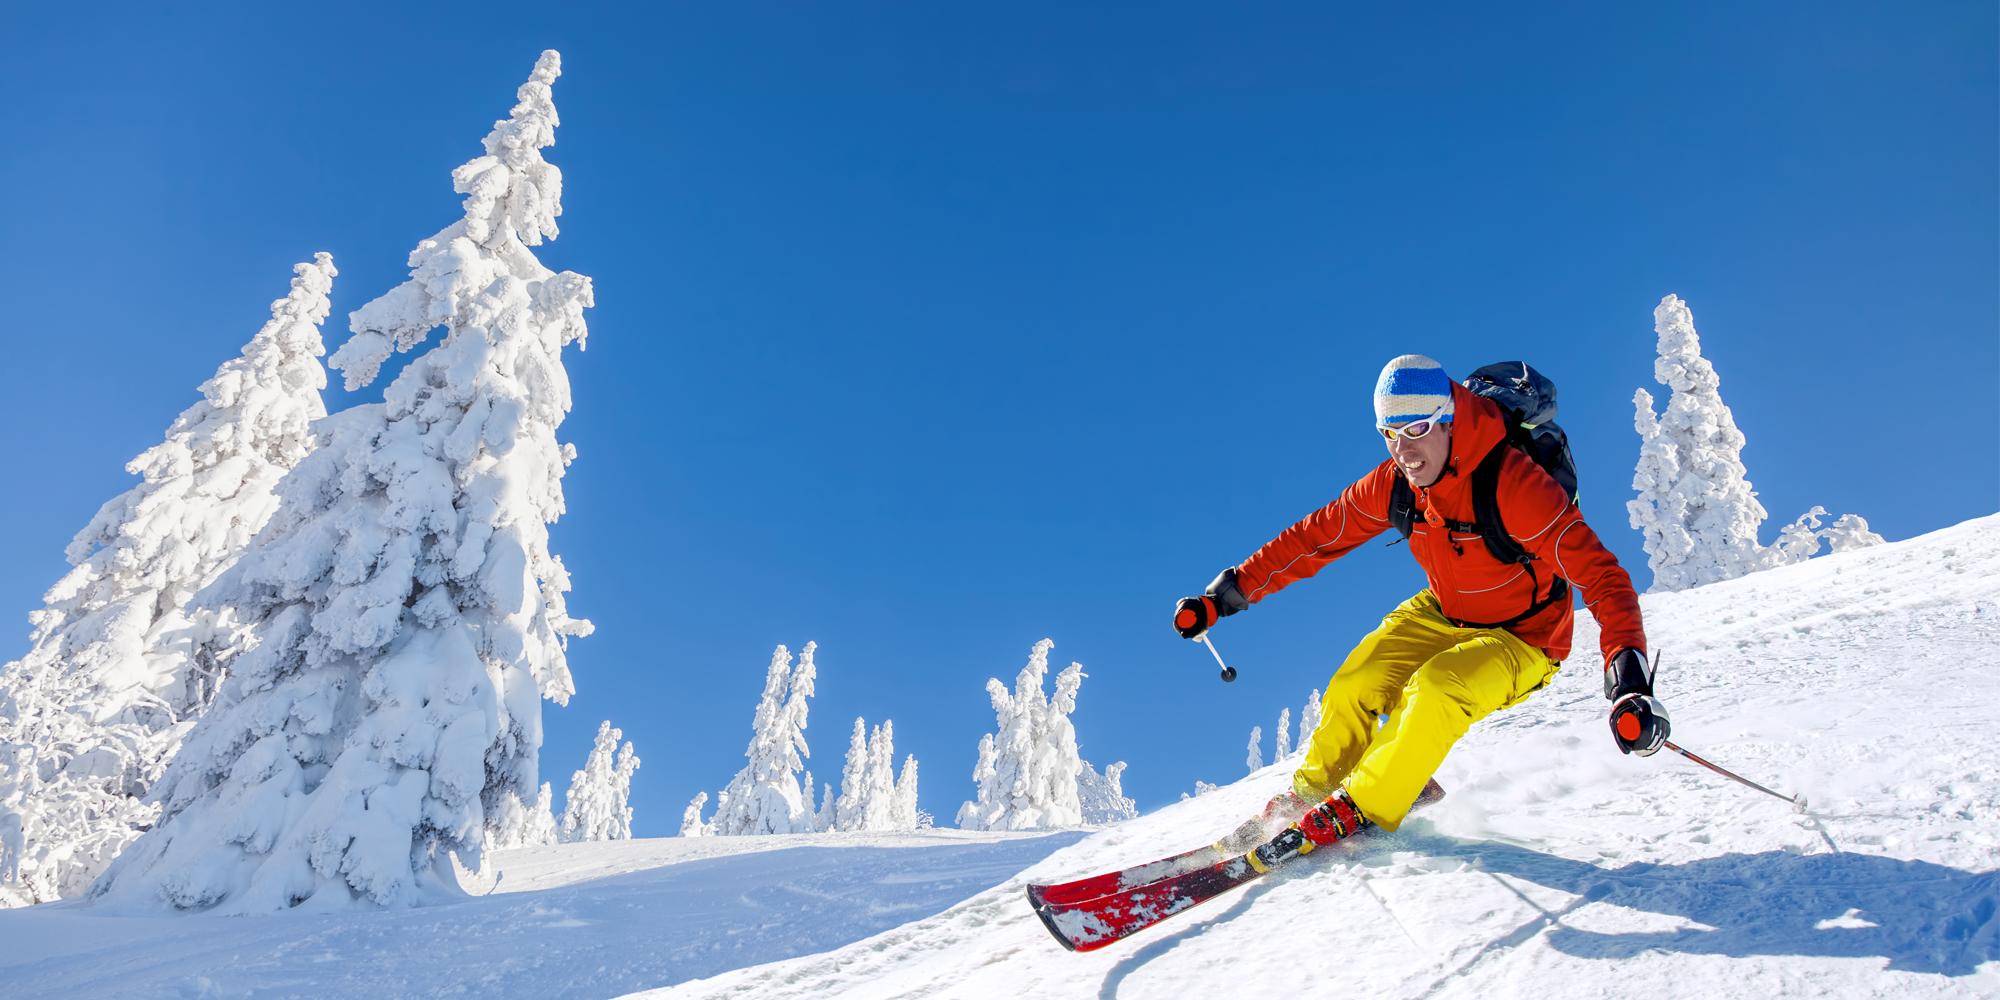 5 Ski Exercises for Your Best Ski Season Yet